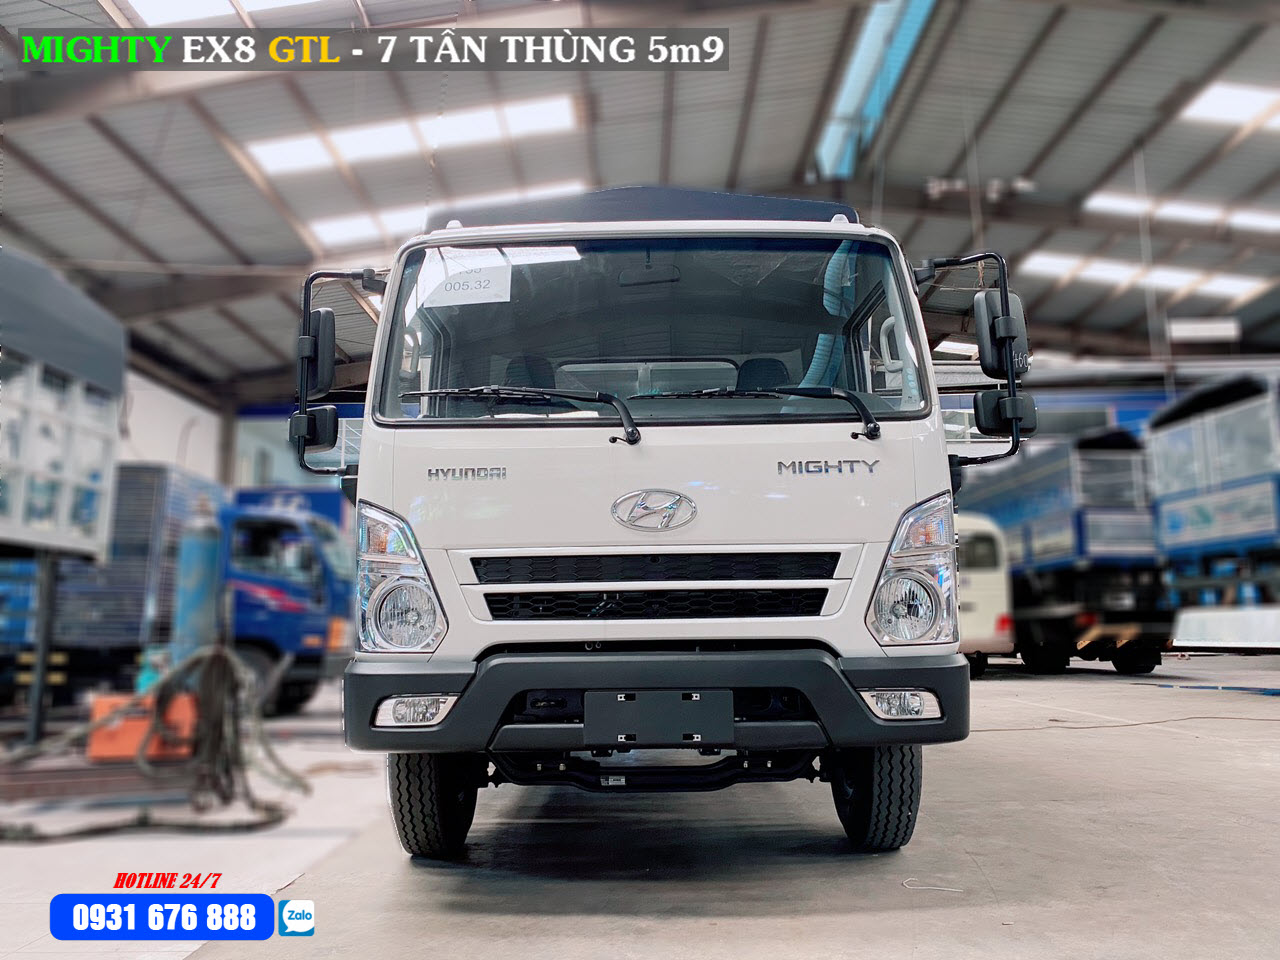 HYUDNAI EX8 GTL